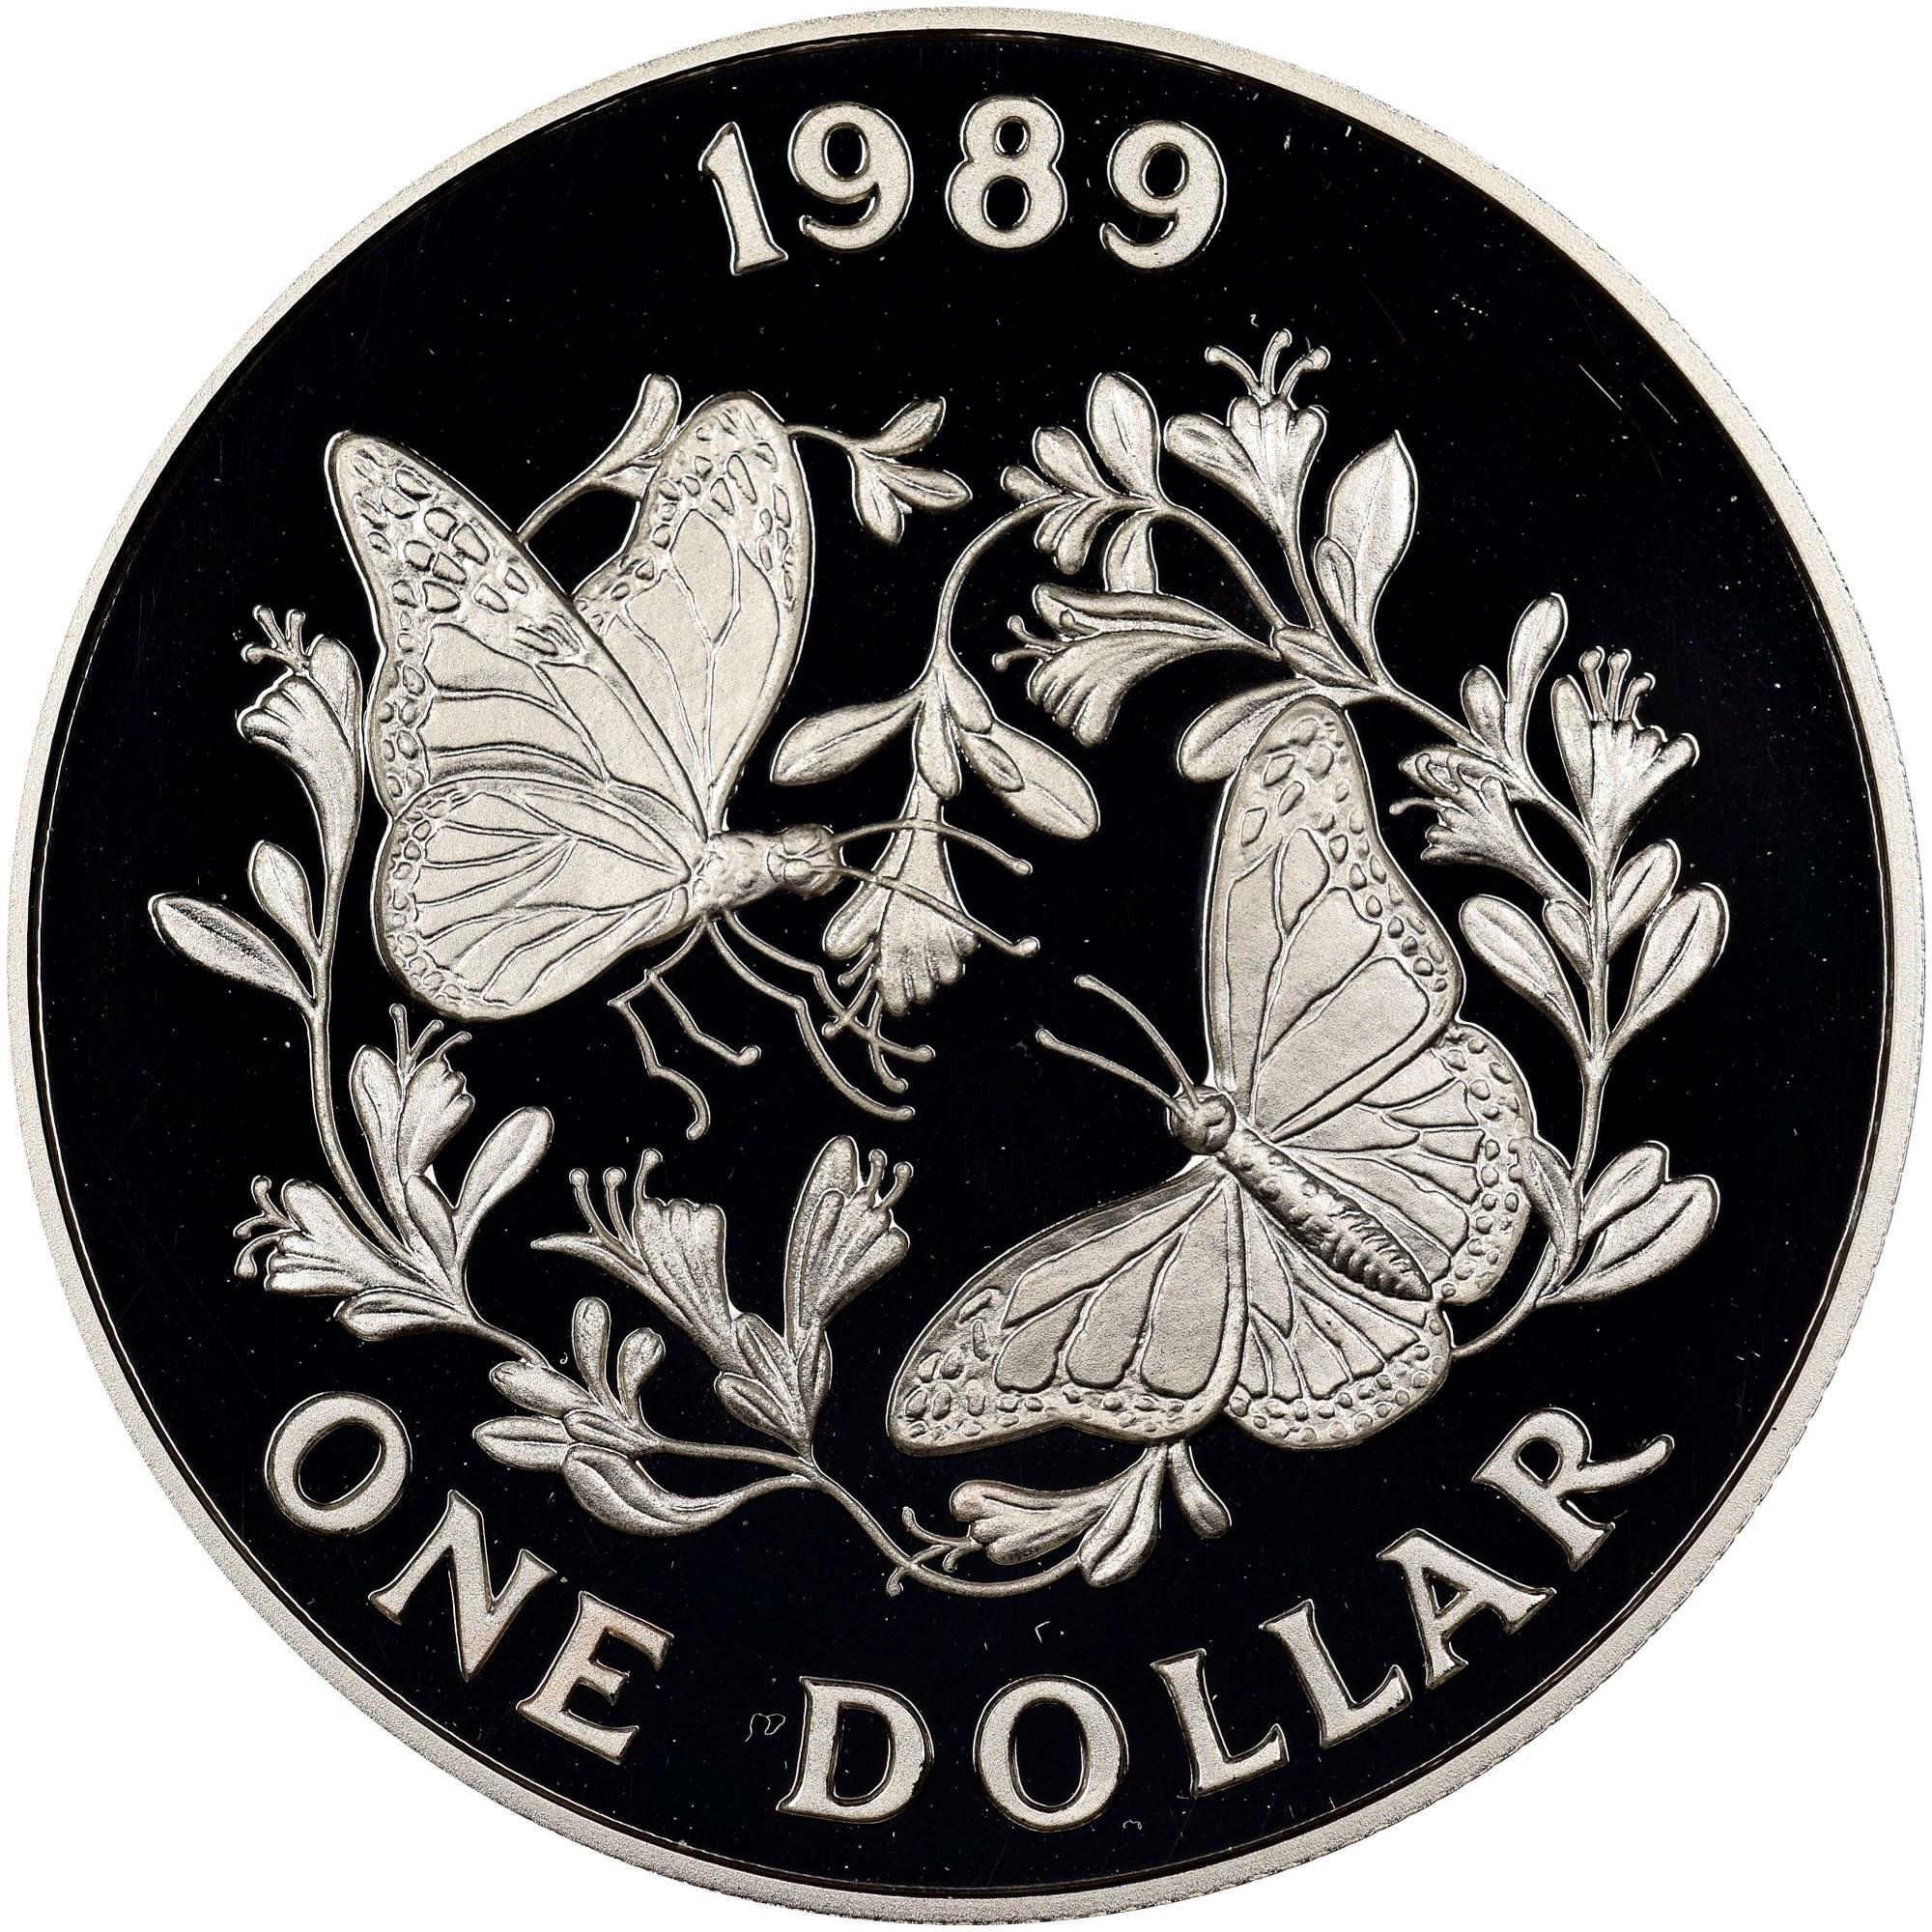 Bermuda Dollar reverse